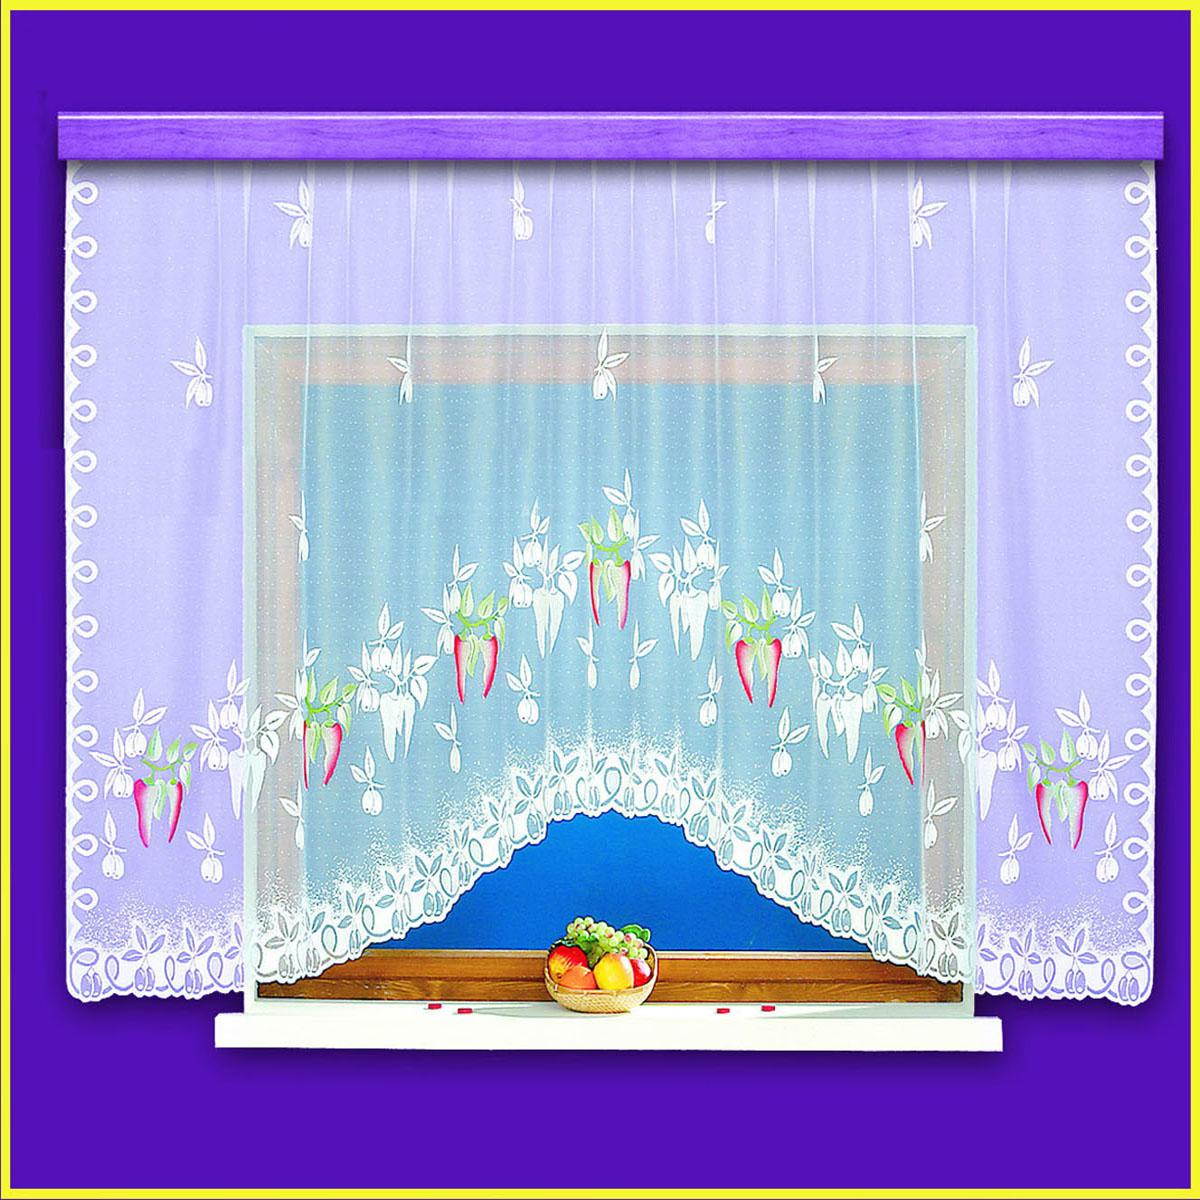 Гардина Haft, цвет: белый, ширина 310 см, высота 160 смS03301004белая жаккардовая гардина с крашенным изображением острого перцаРазмеры: высота 160, ширина 310